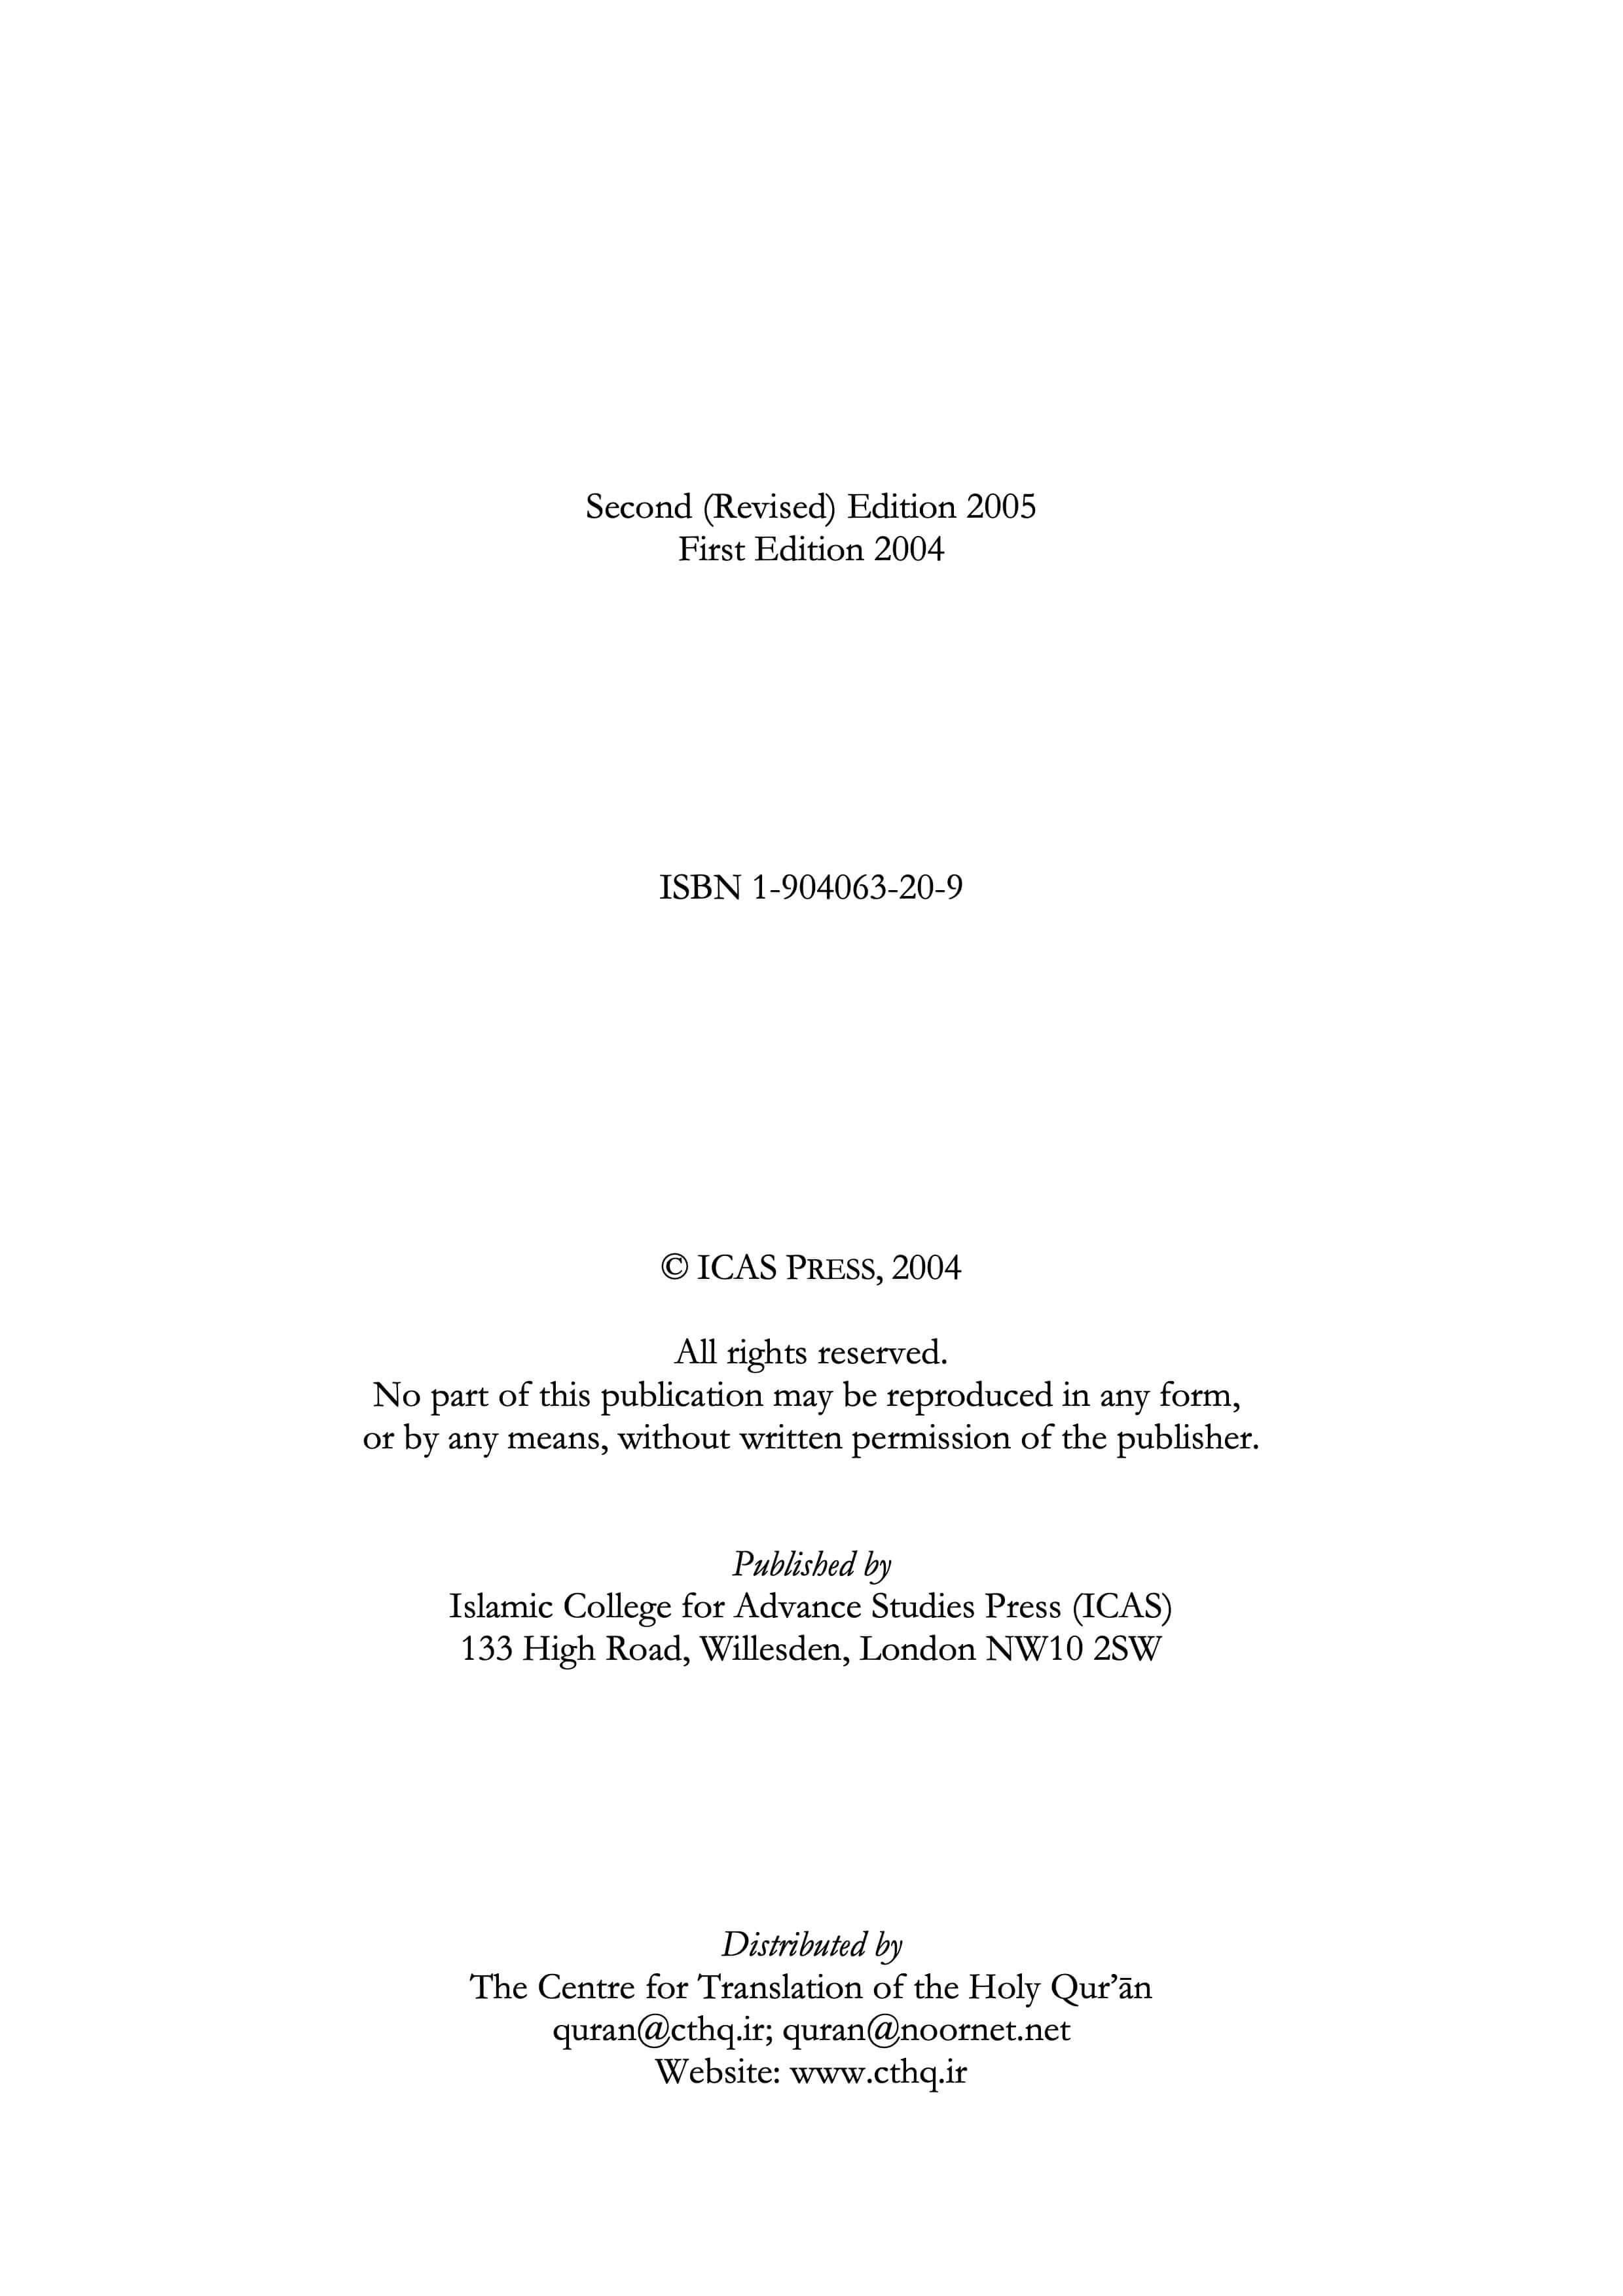 ali quli qarai quran translation (2005), page 4 | quran explorer, download and read now (pdf, html, ebook)